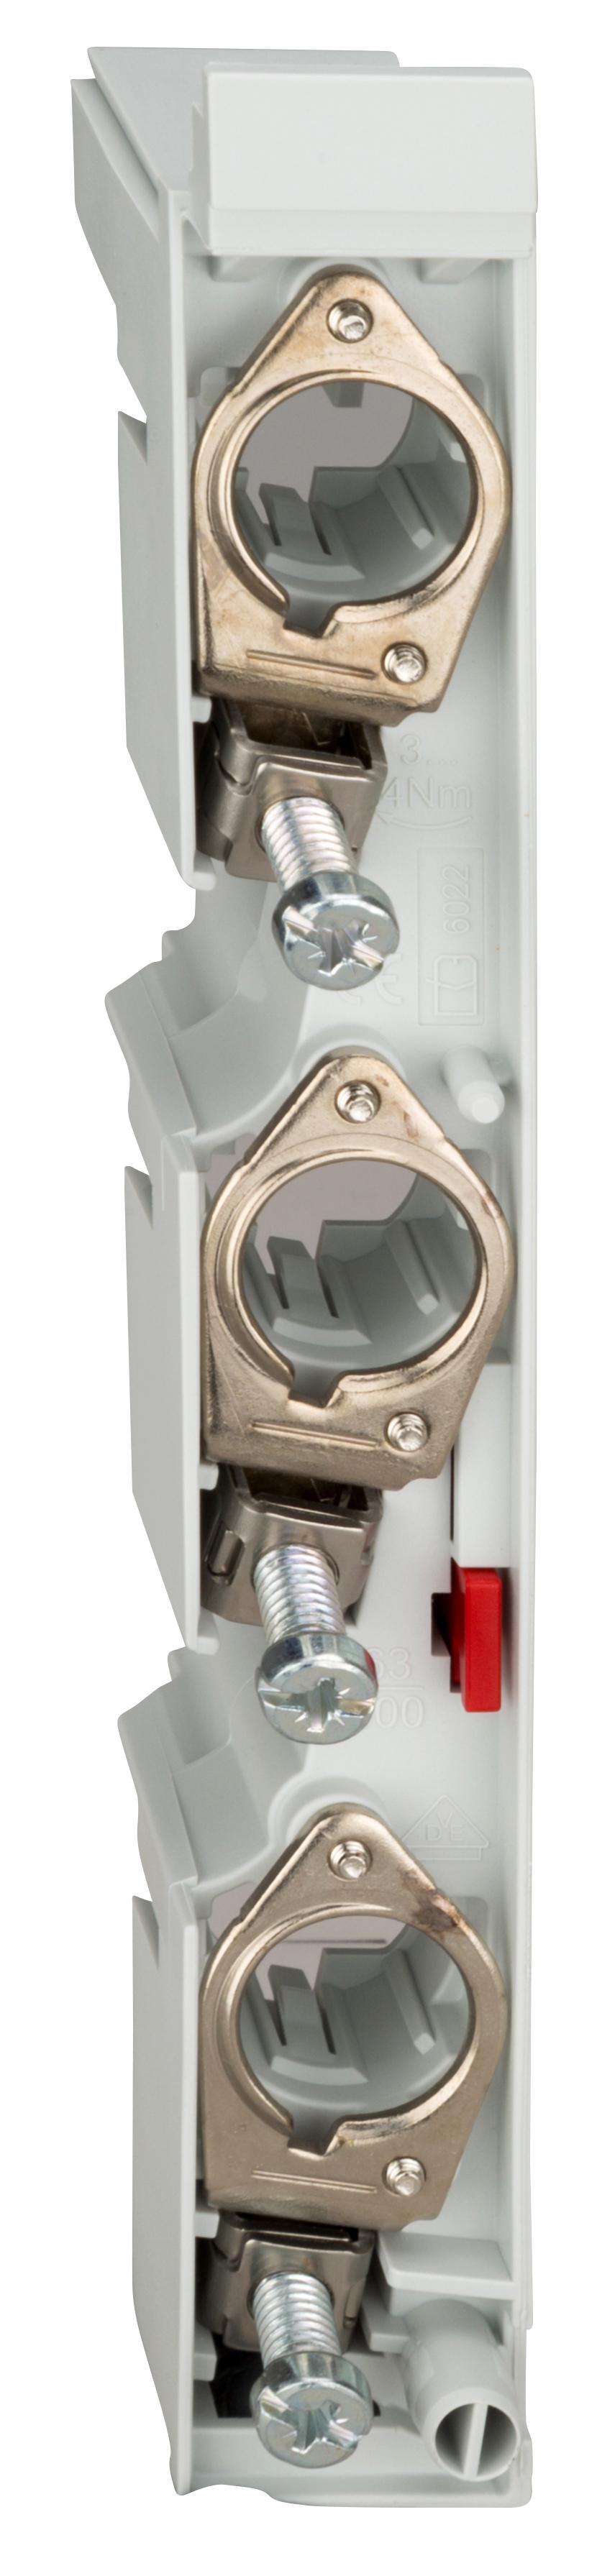 1 Stk D02-Reitersicherungssockel E18 ohne Abdeckung IS504823--